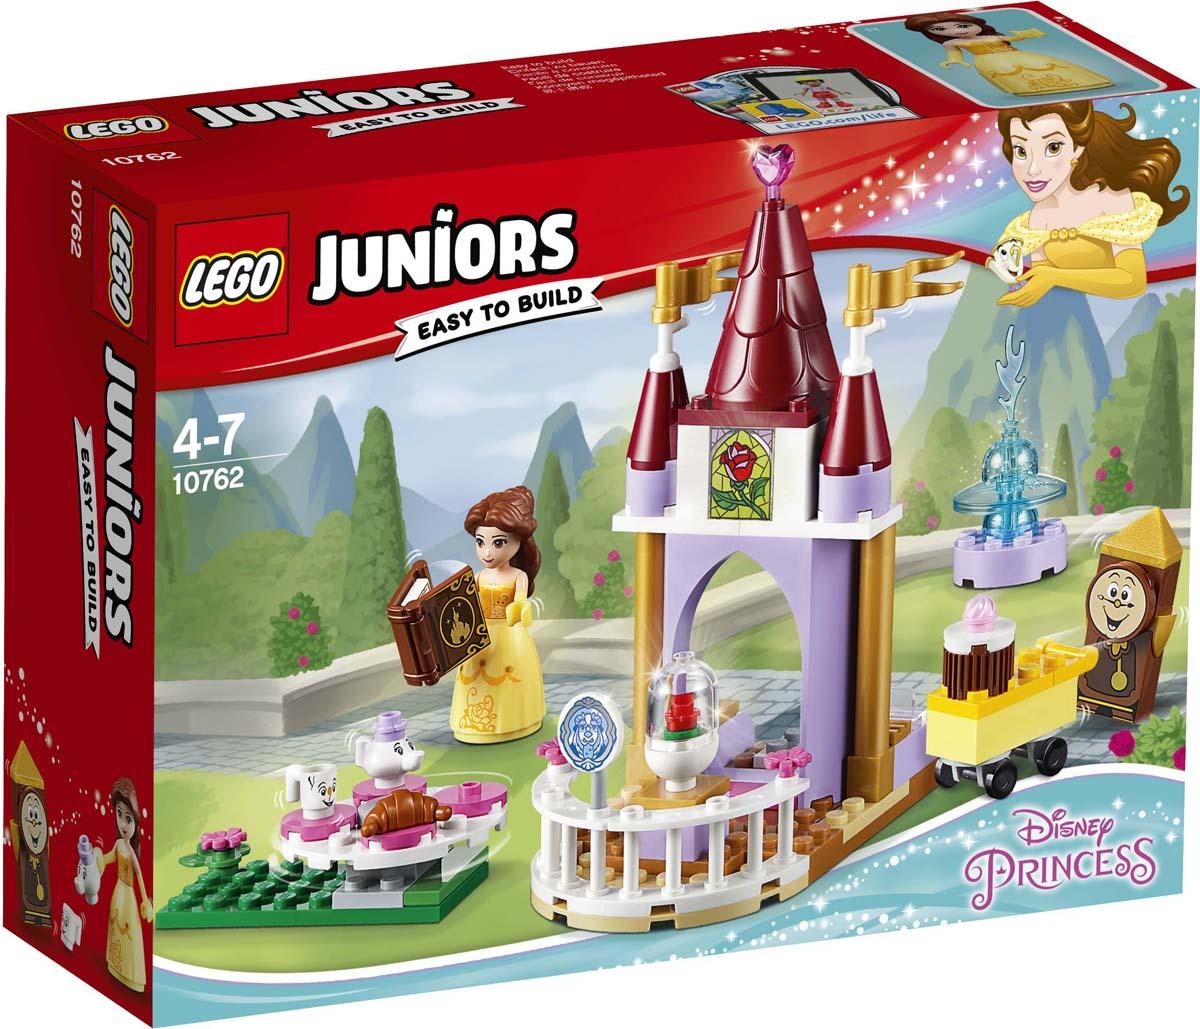 LEGO Juniors Конструктор Сказочные истории Белль 10762 lego lego disney princesses 41068 праздник в замке эренделл